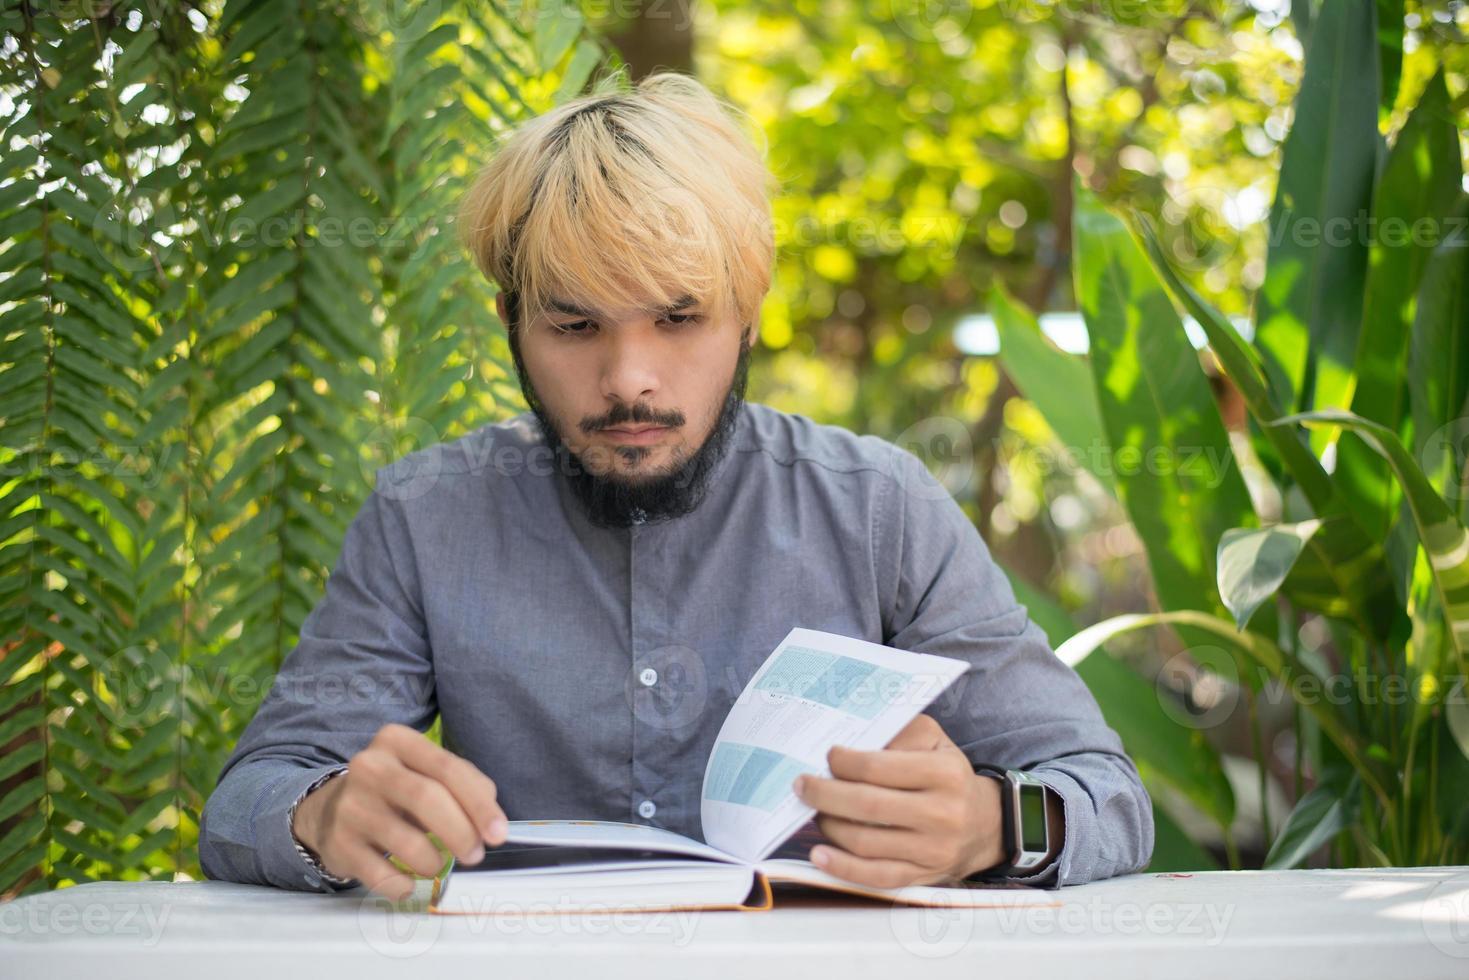 Joven hipster hombre barbudo leyendo libros en el jardín de su casa con la naturaleza foto